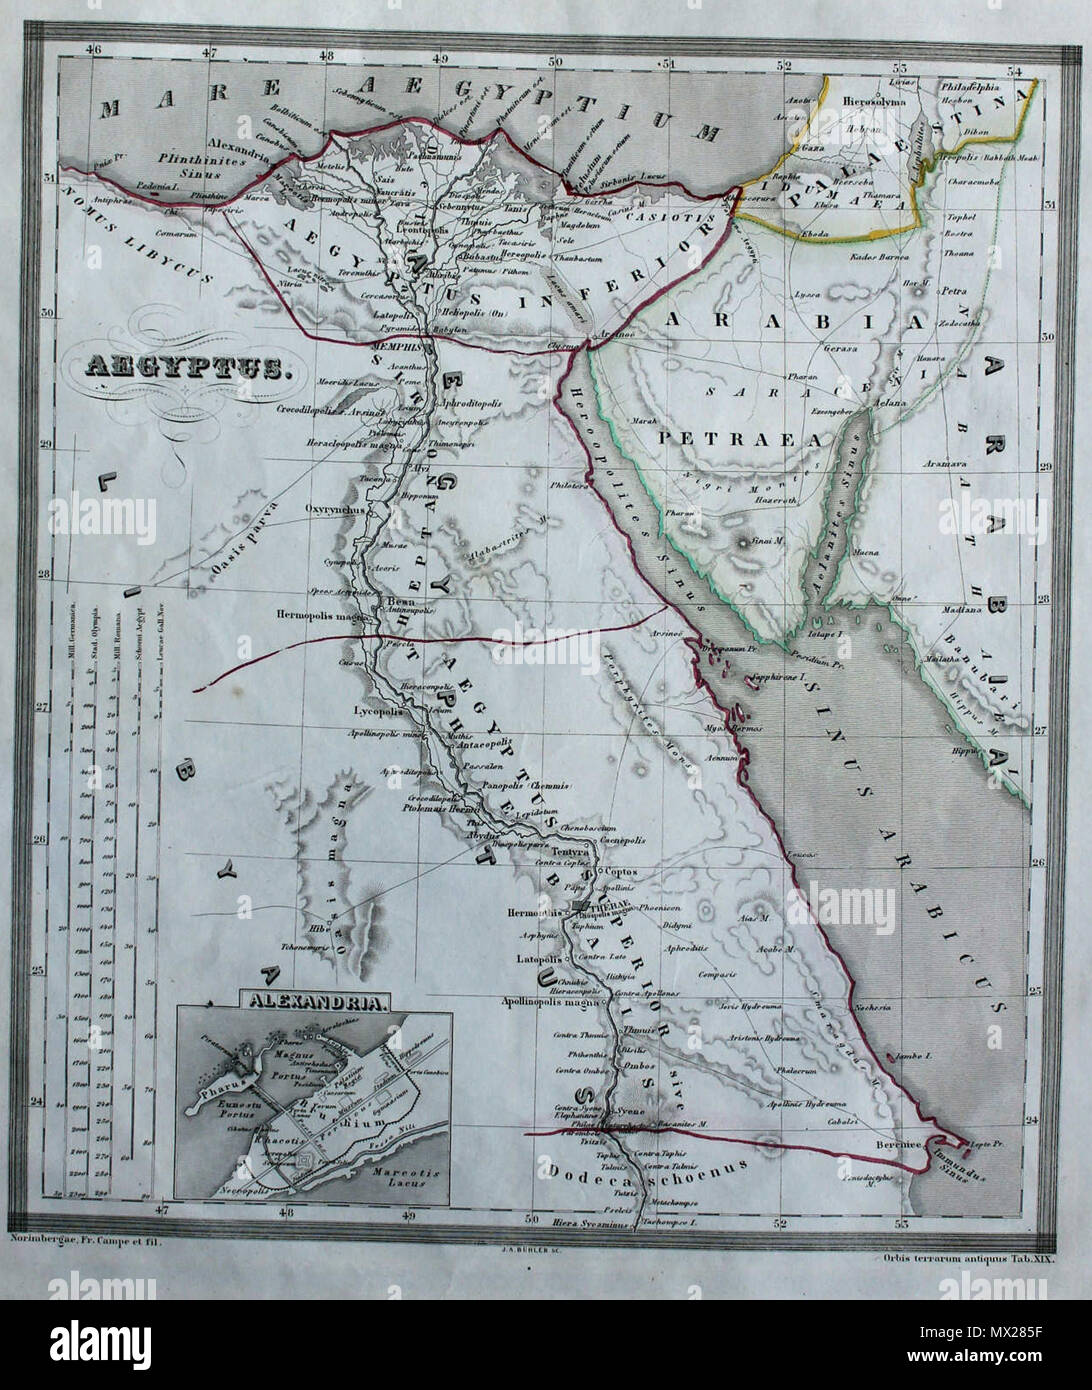 . English: Egypt from Orgis Terrarum Antiquus 1861 . 24 October 2013, 16:49:41.  Orbis terrarum antiquus 1861 28 Aegyptus from Orbis terrarum antiquus 1861 - Stock Image